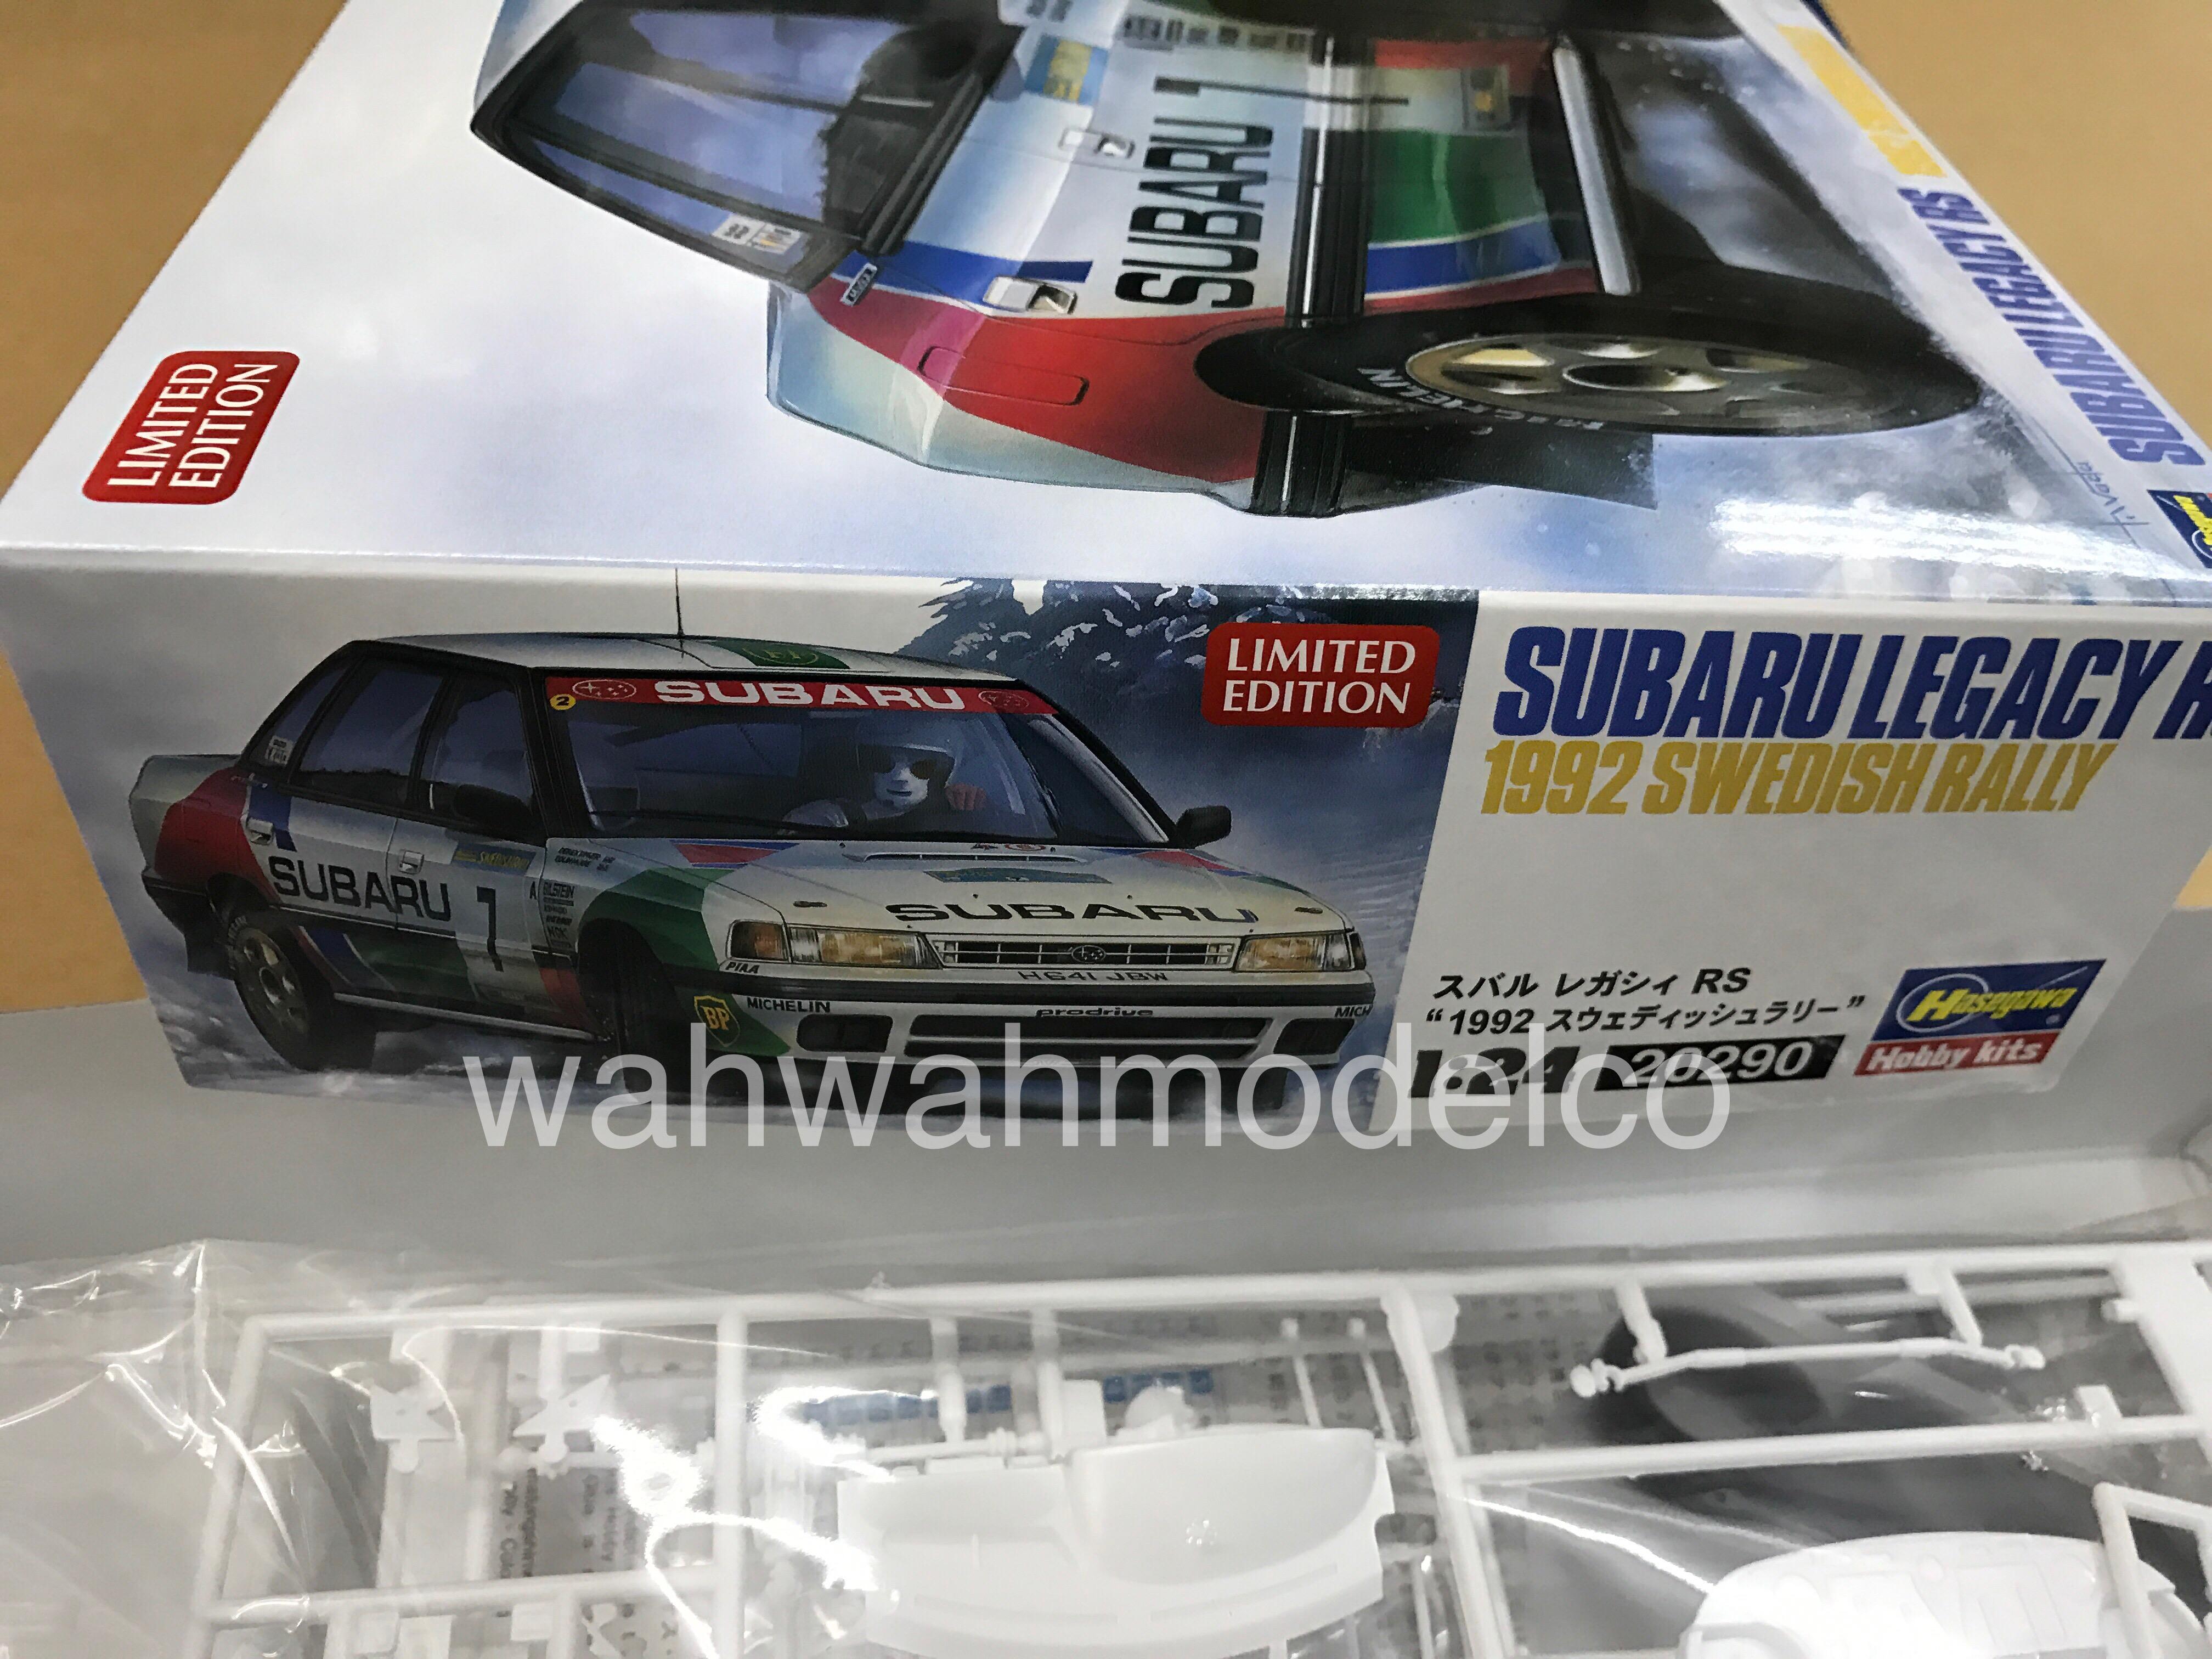 Hasegawa 20290 Subaru Legacy Rs 1992 Swedish Rally 1 24 Scale Kit